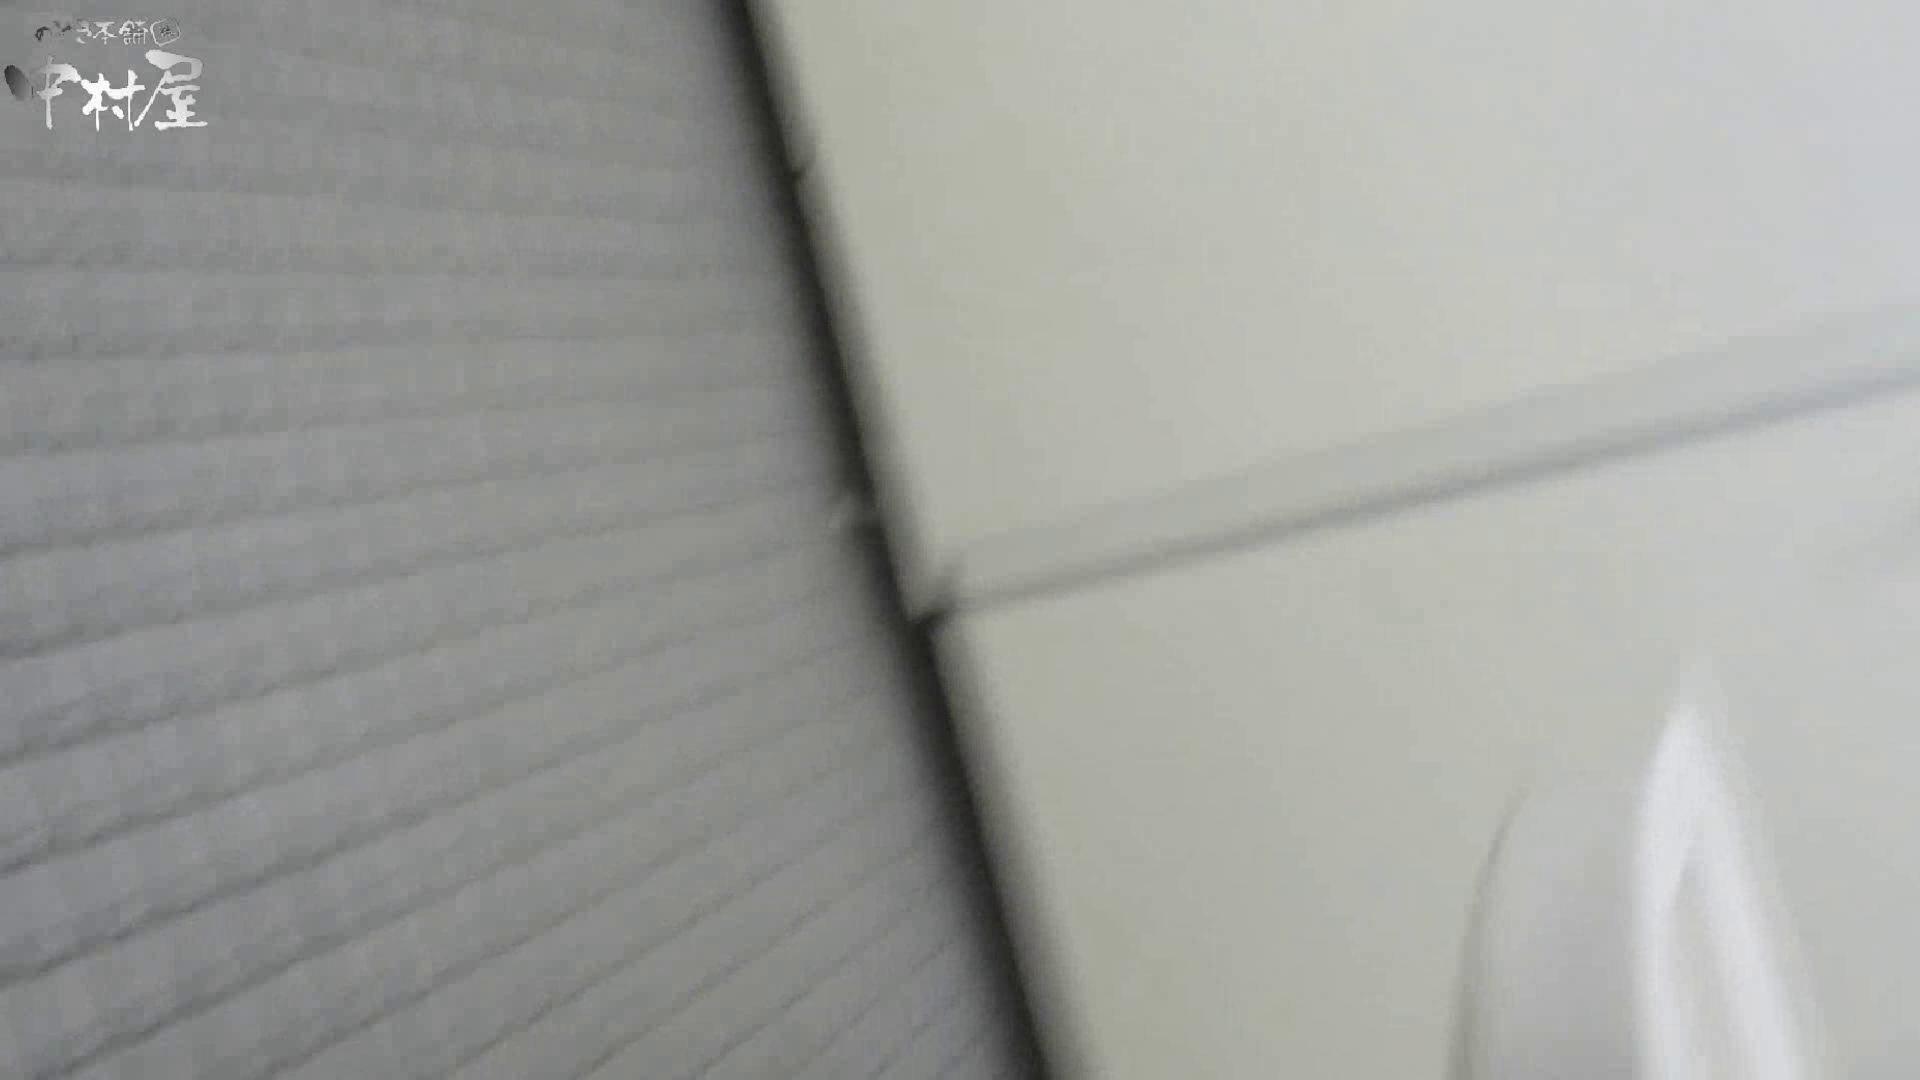 魂のかわや盗撮62連発! ロンハーギャル! 45発目! ギャルのエロ動画 スケベ動画紹介 102PIX 71